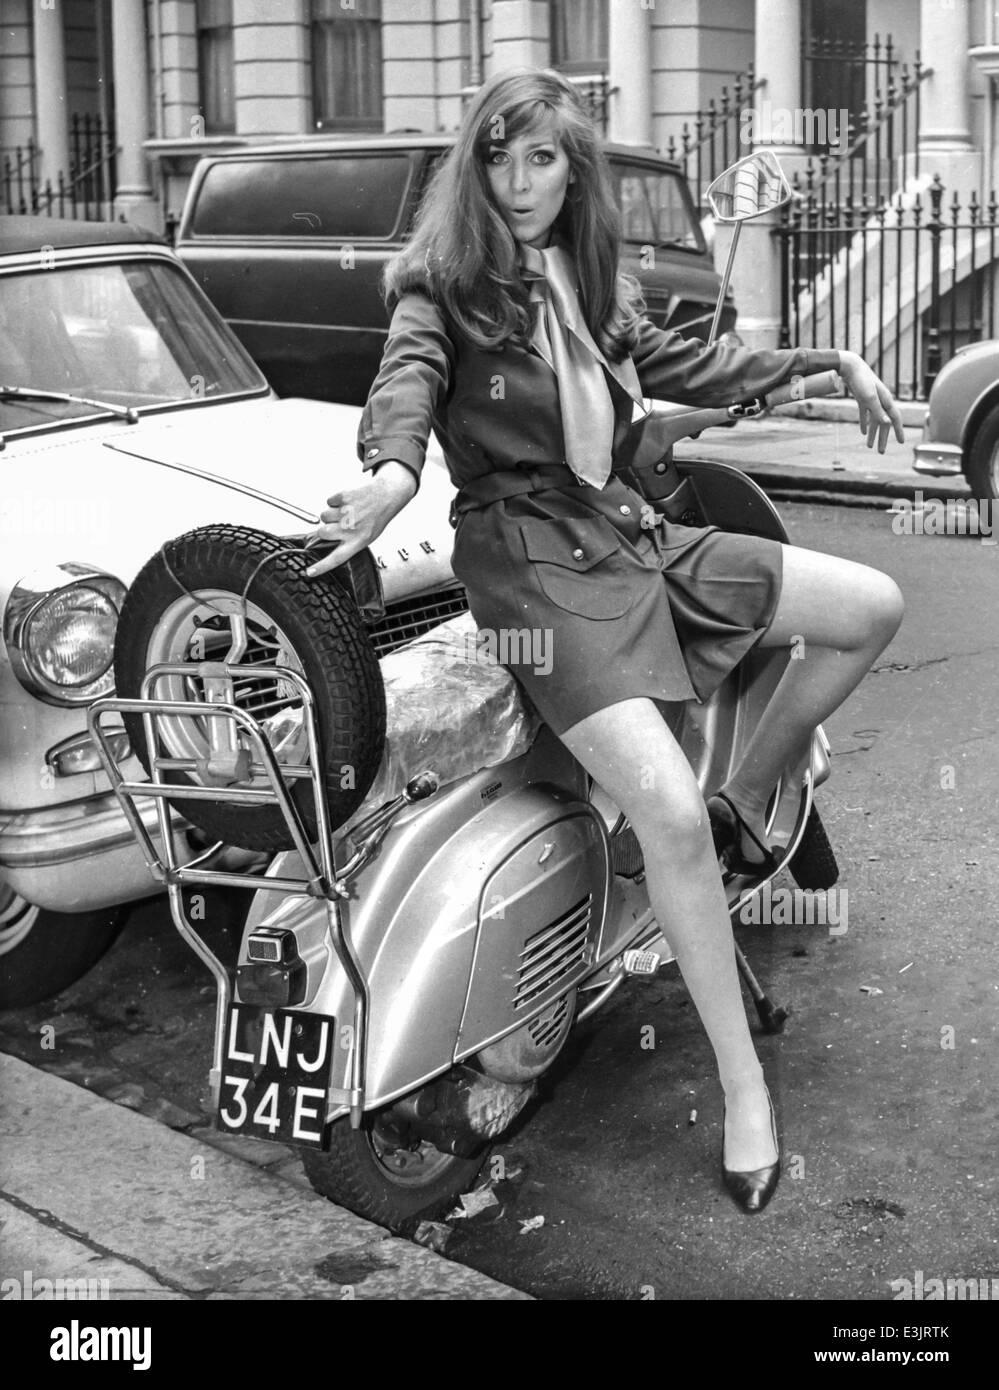 Jeune femme sur 1940 au cours d'un service photographique,style années 1960 Photo Stock